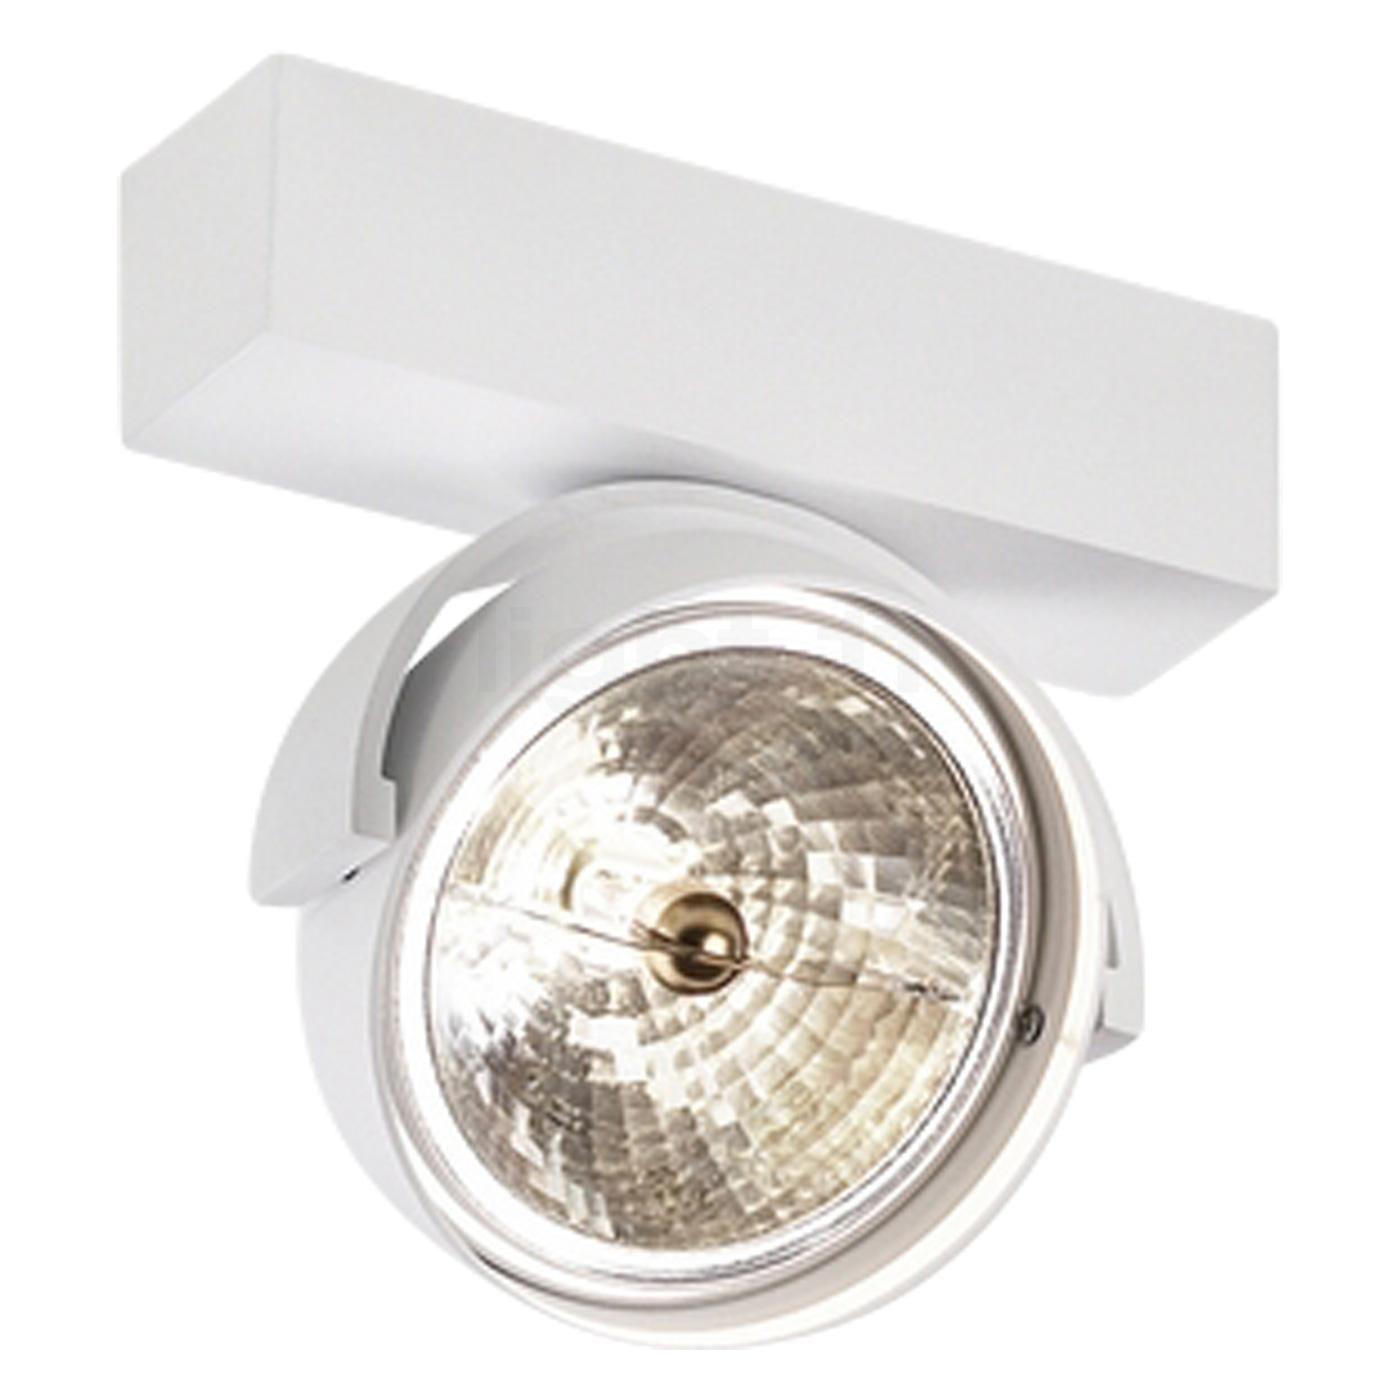 plafondlamp hal (om schilderij bijvoorbeeld te belichten)